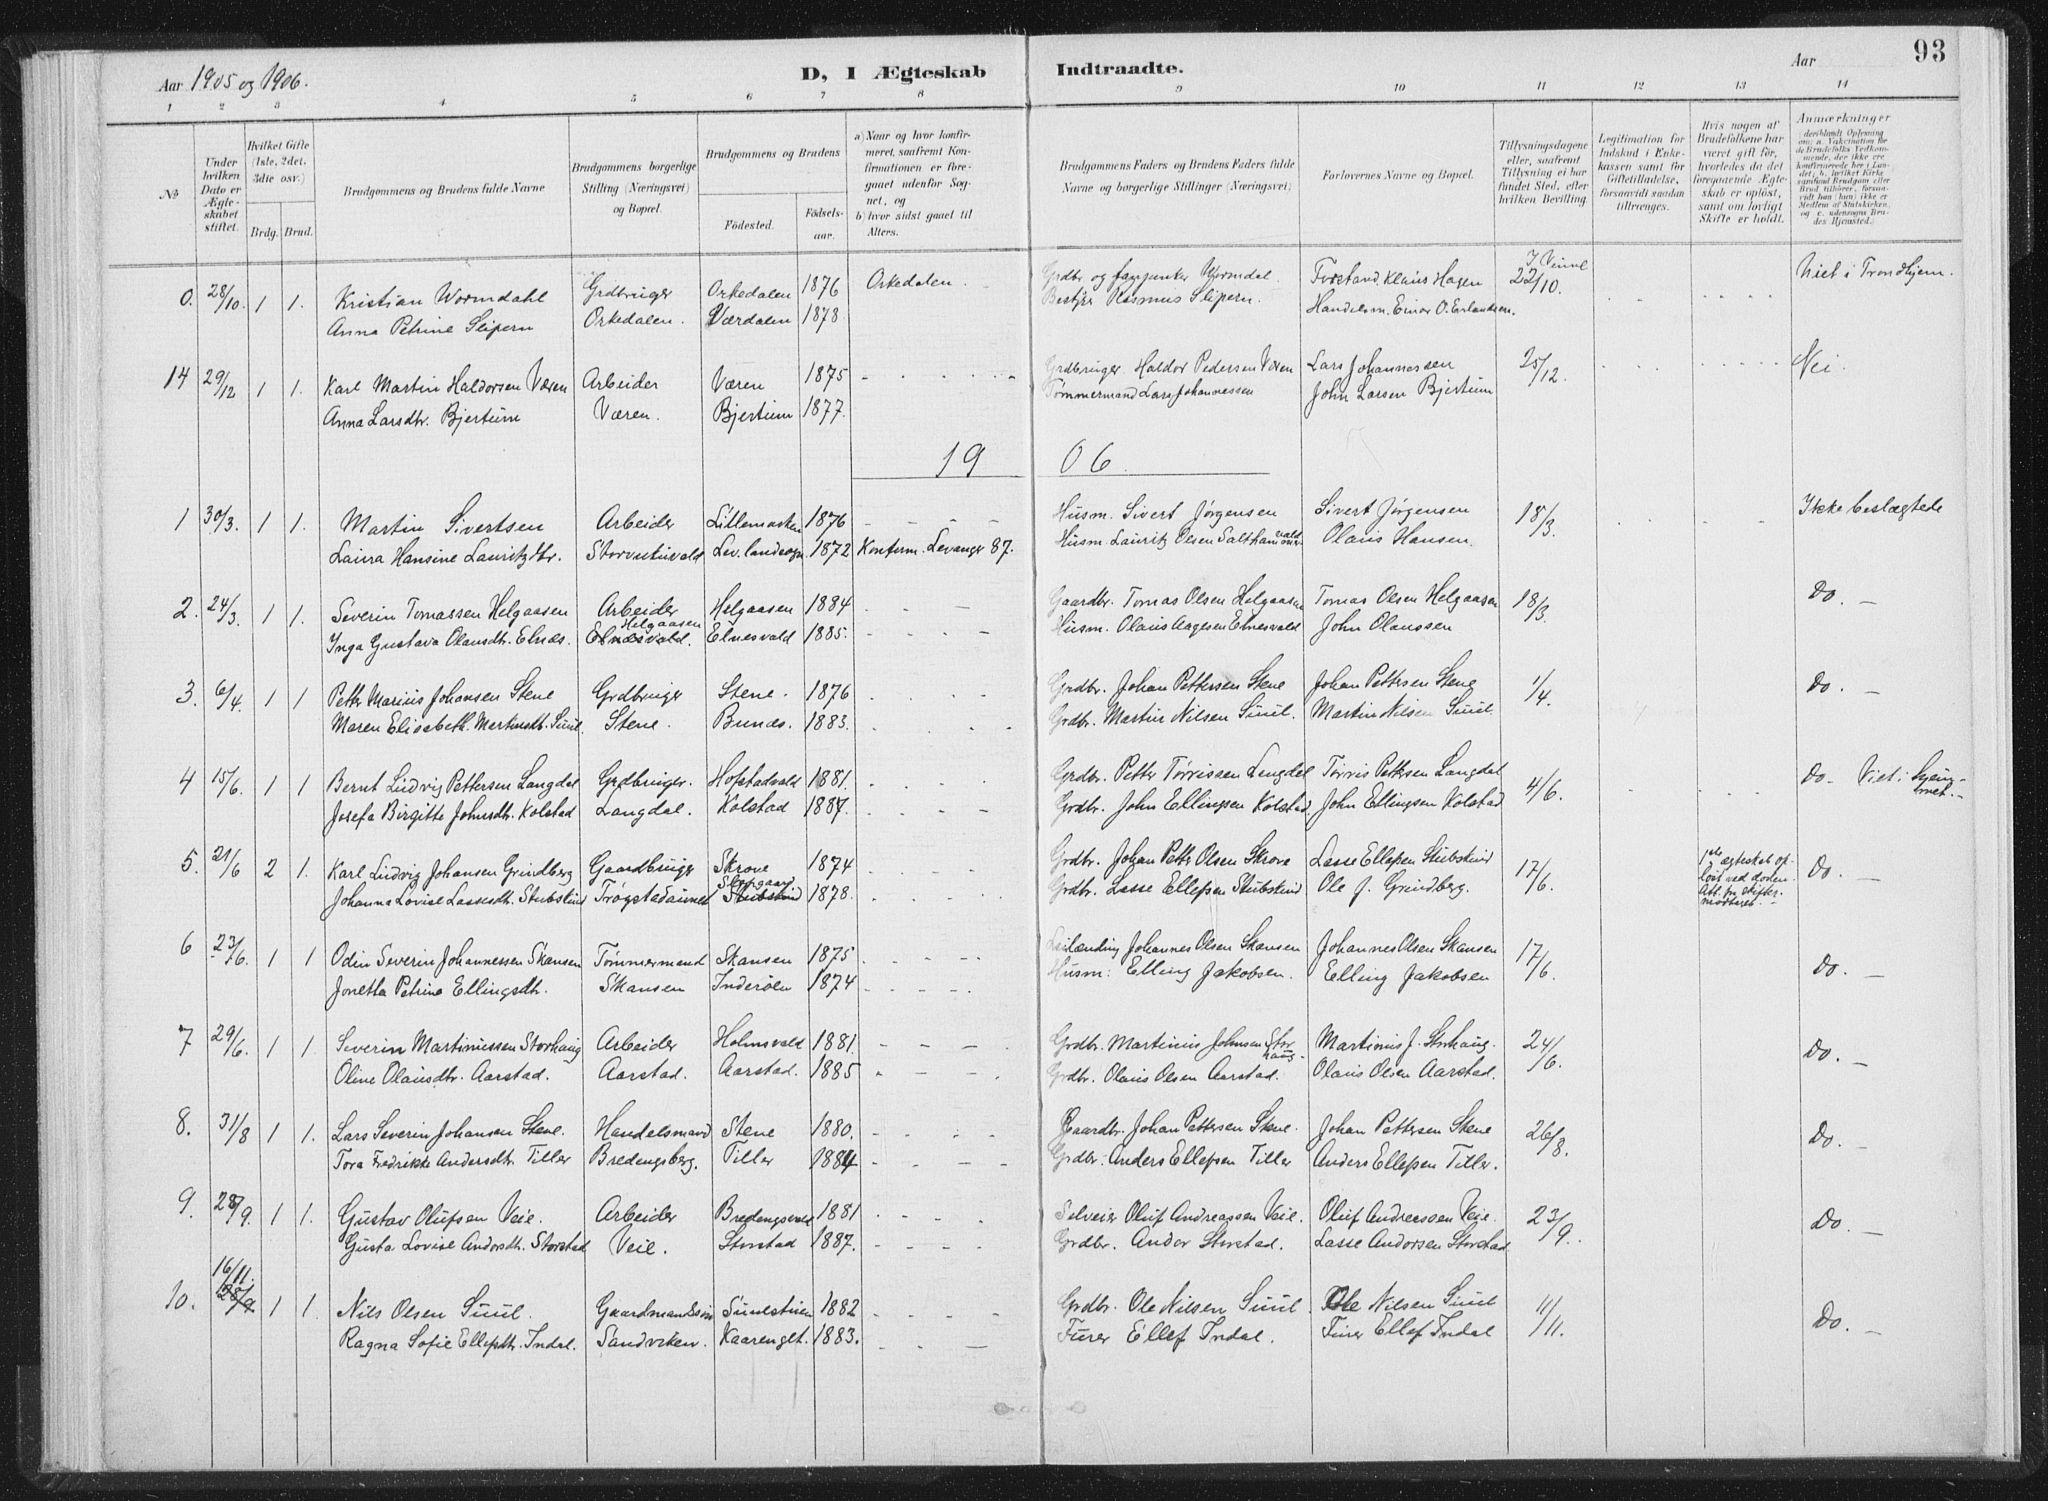 SAT, Ministerialprotokoller, klokkerbøker og fødselsregistre - Nord-Trøndelag, 724/L0263: Ministerialbok nr. 724A01, 1891-1907, s. 93